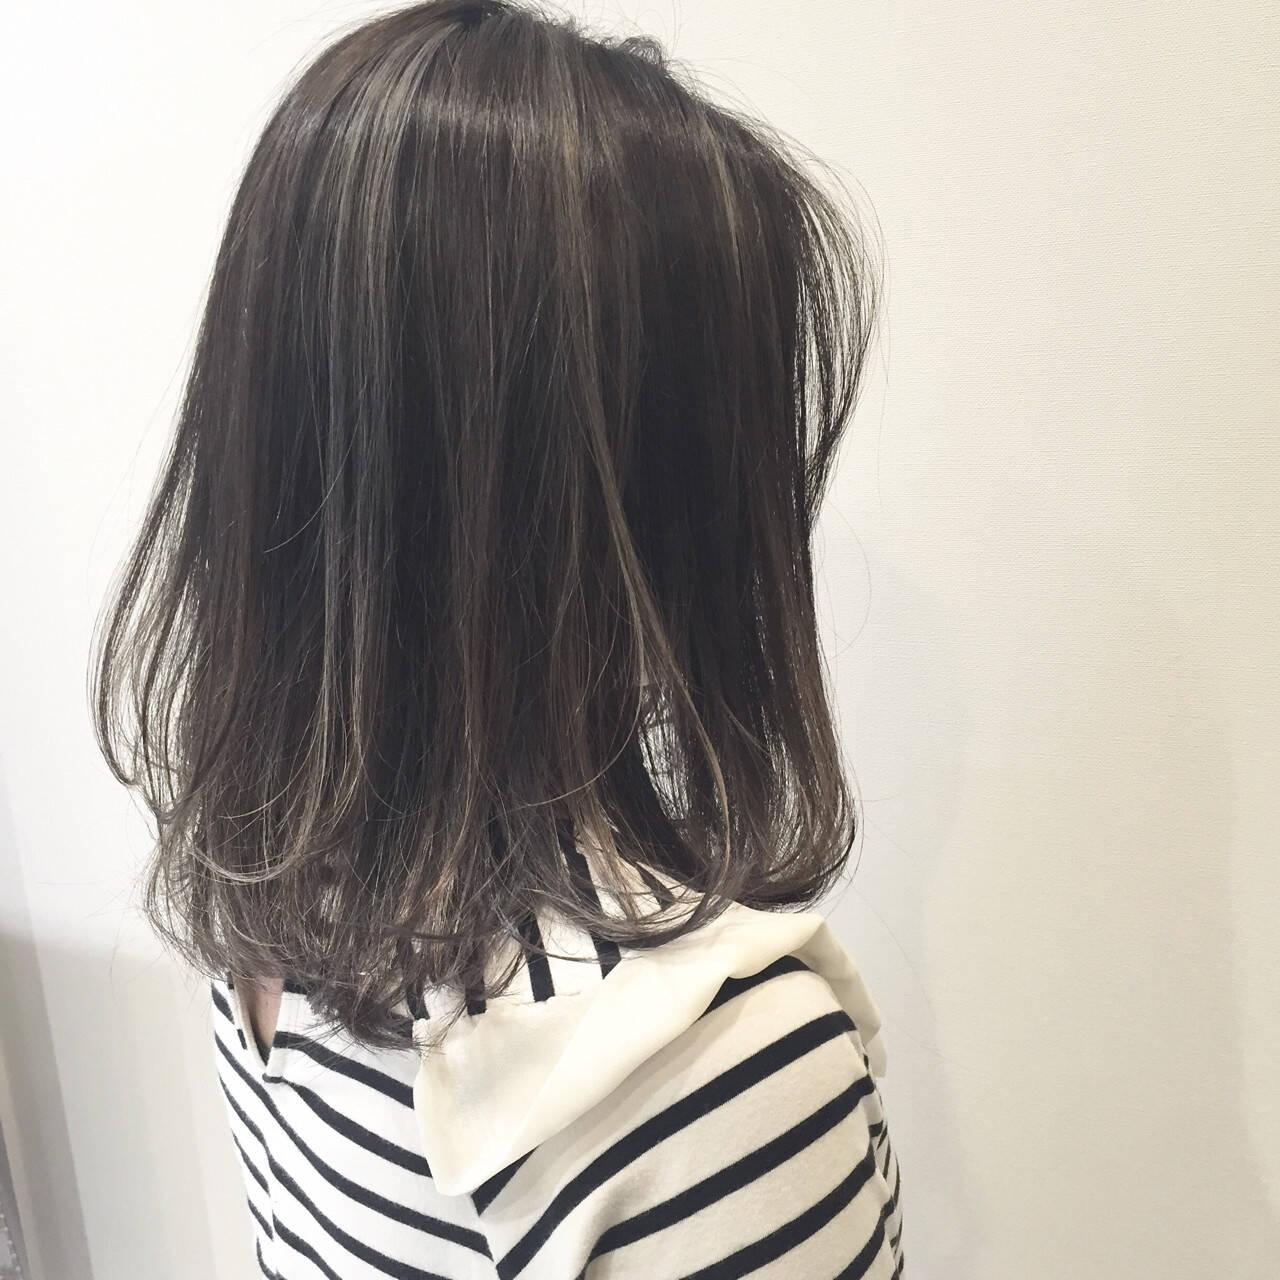 アッシュ グレージュ ウェットヘア ミディアムヘアスタイルや髪型の写真・画像